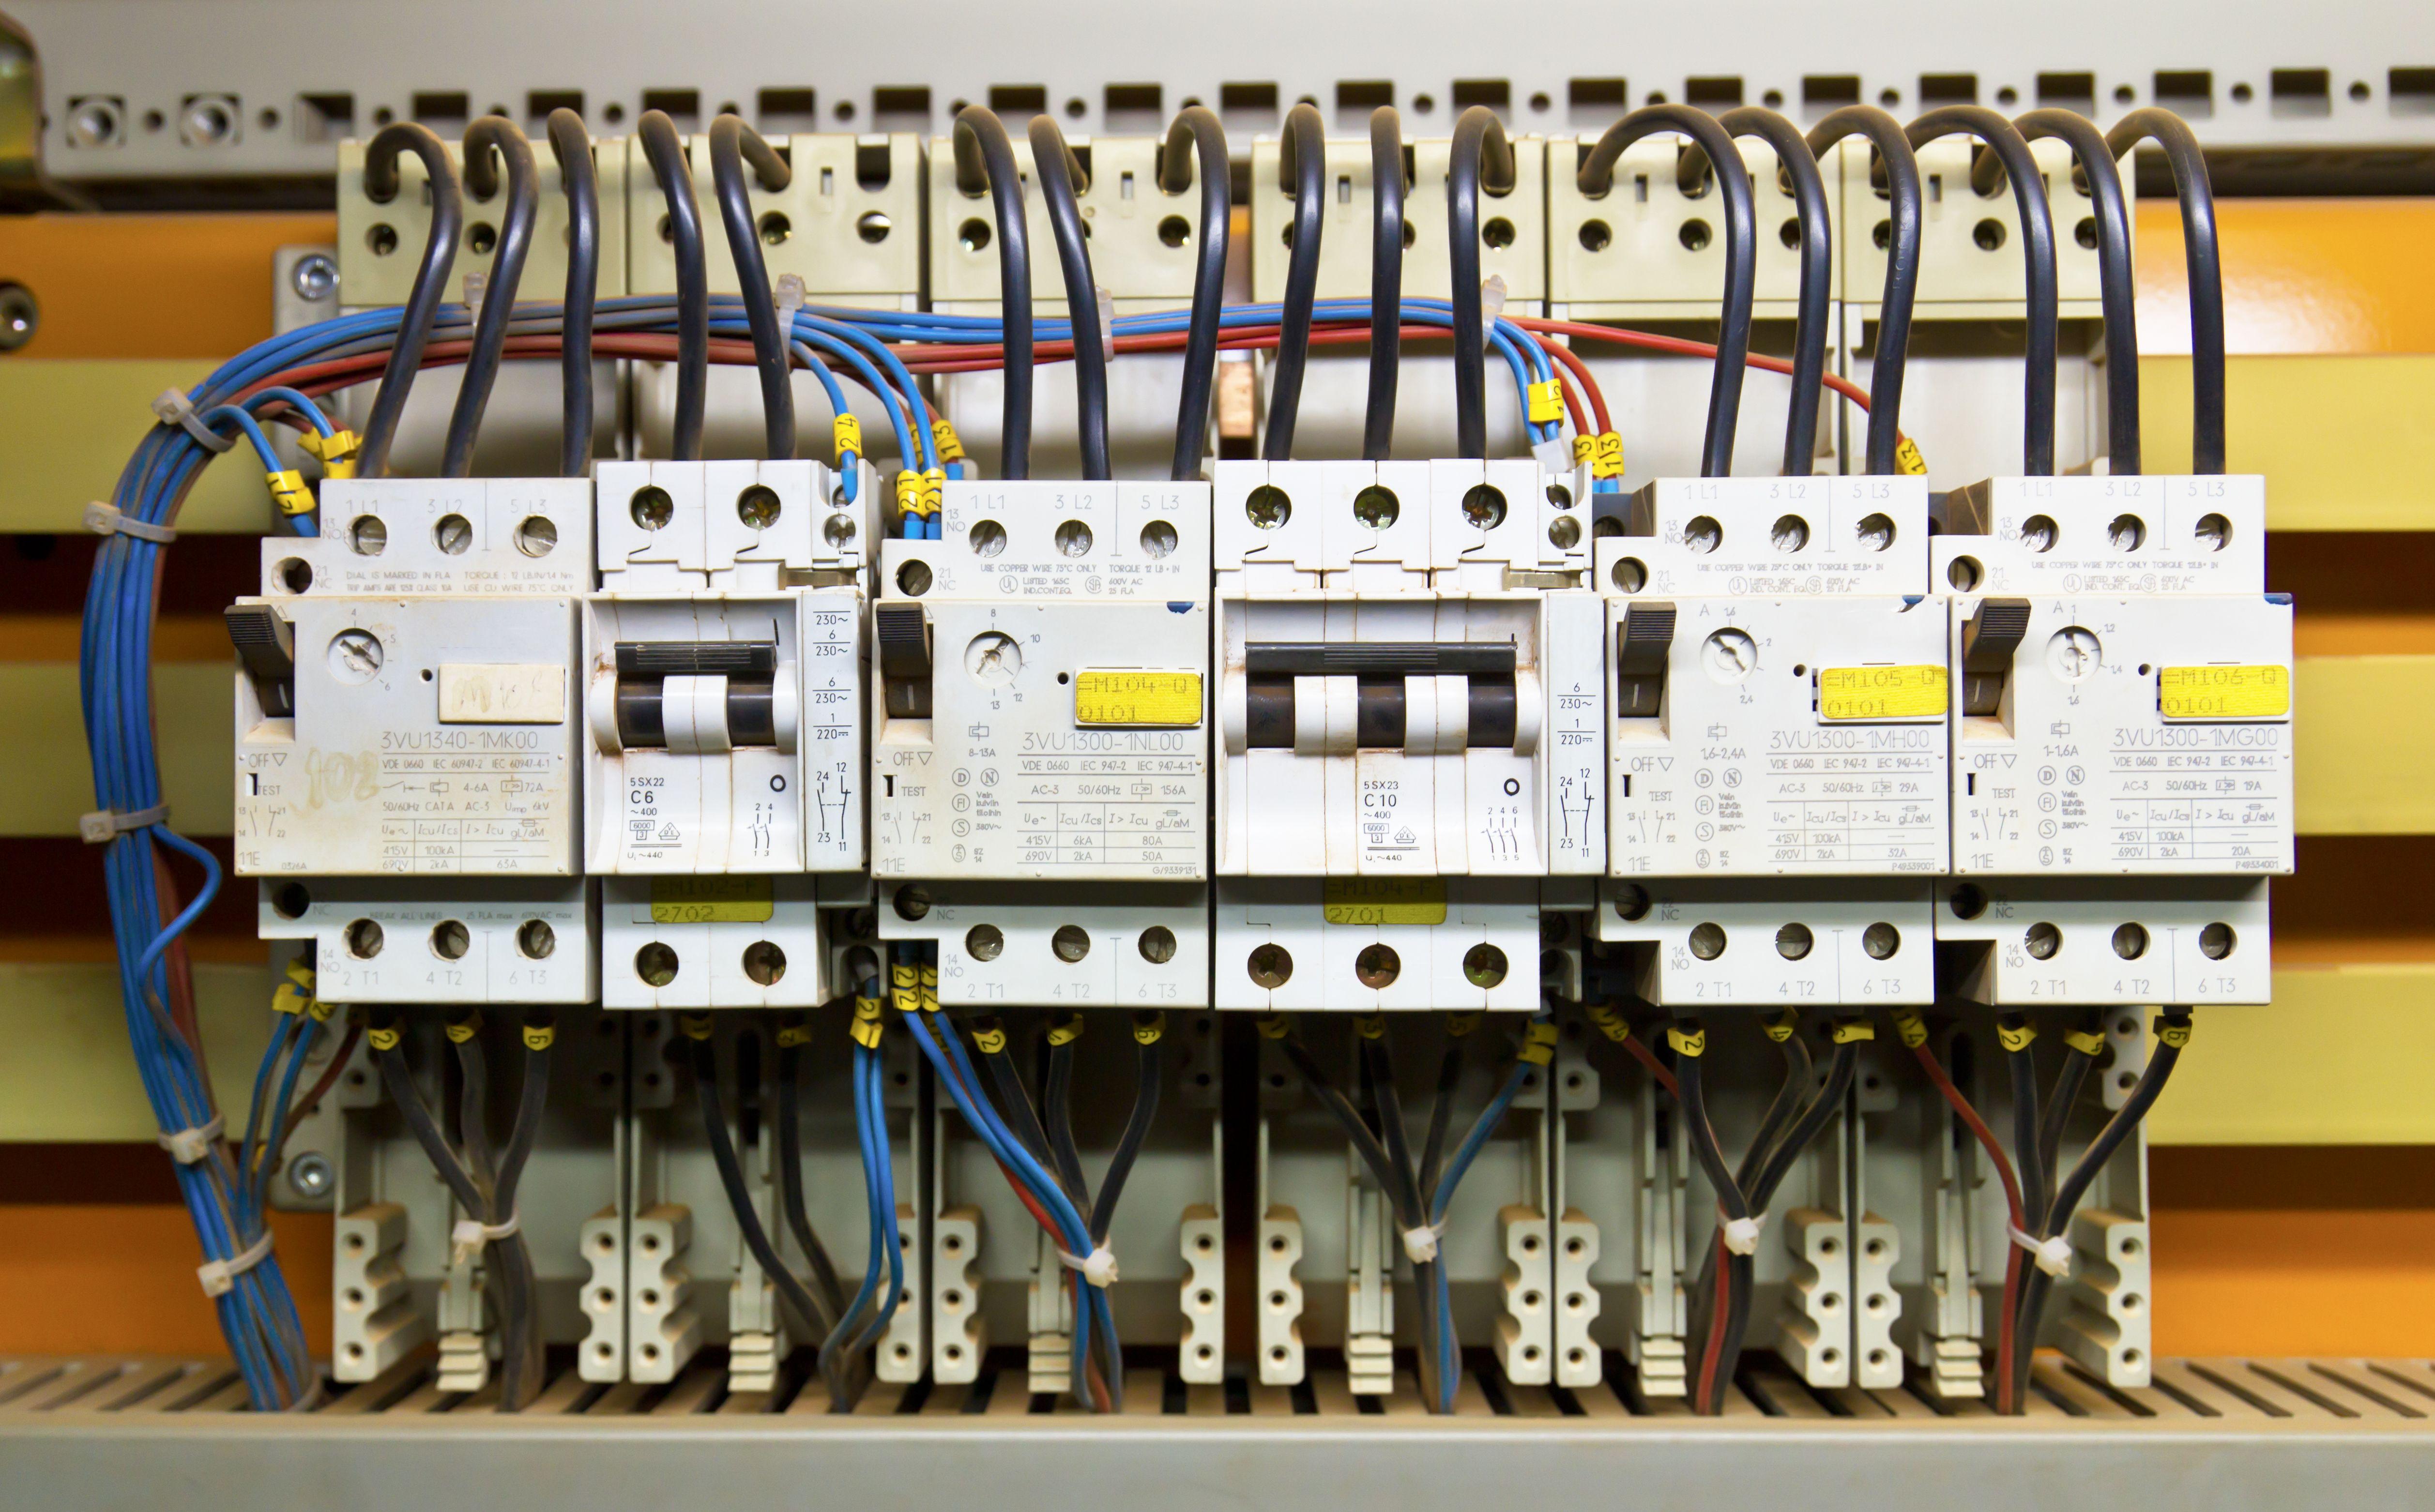 Mantenimiento de instalaciones eléctricas en Sant Feliu de Llobregat